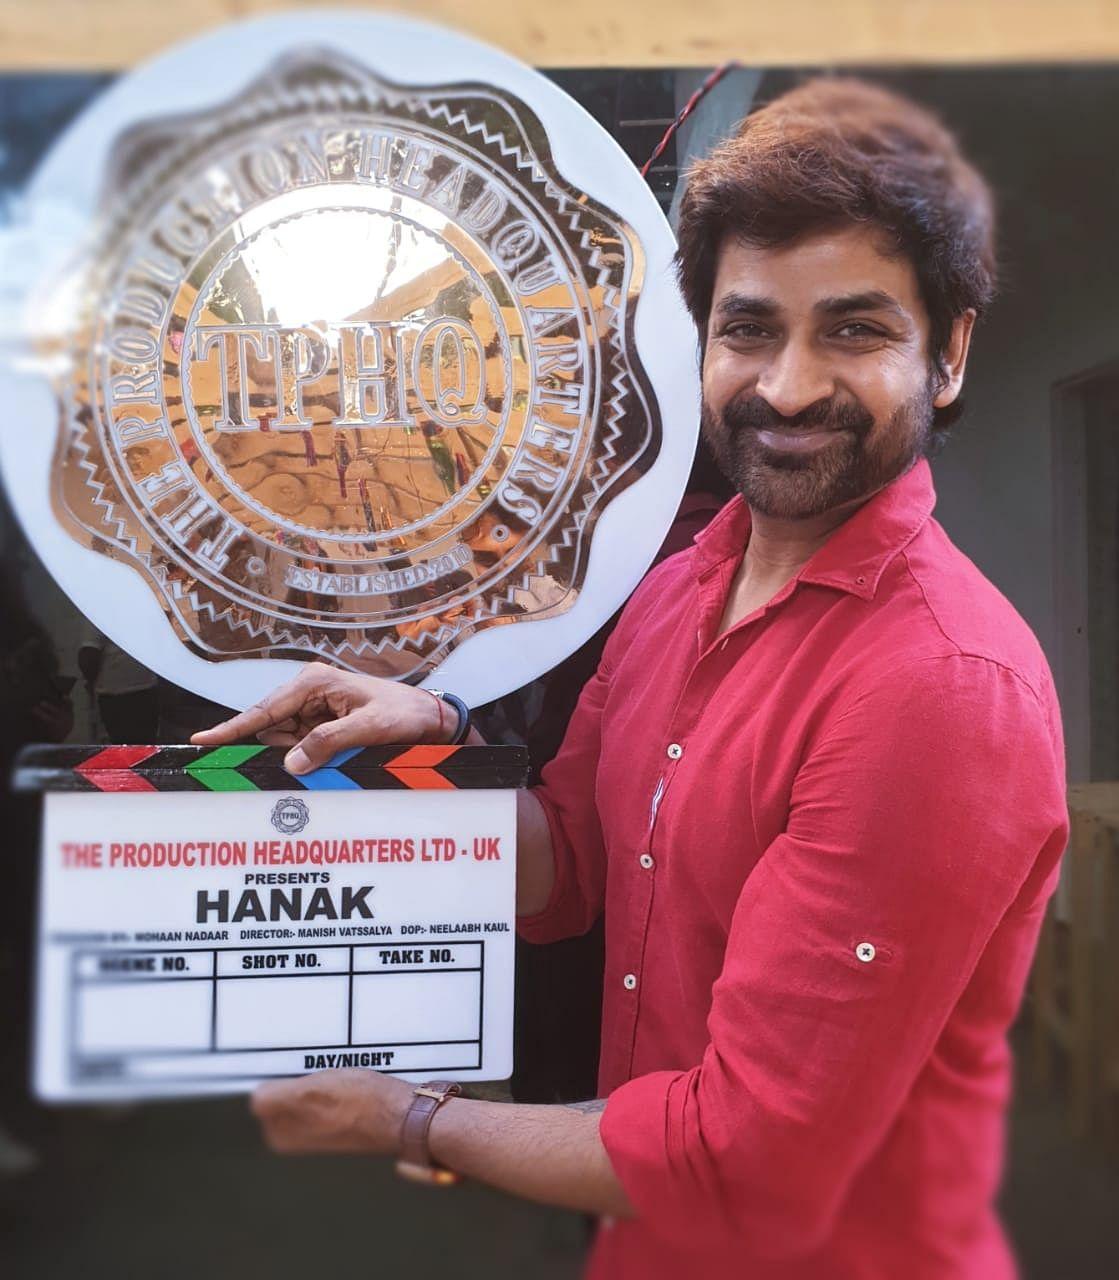 विकास दुबे पर बेस्ड फिल्म 'हनक' की शूटिंग 27 नवंबर से होगी शुरू